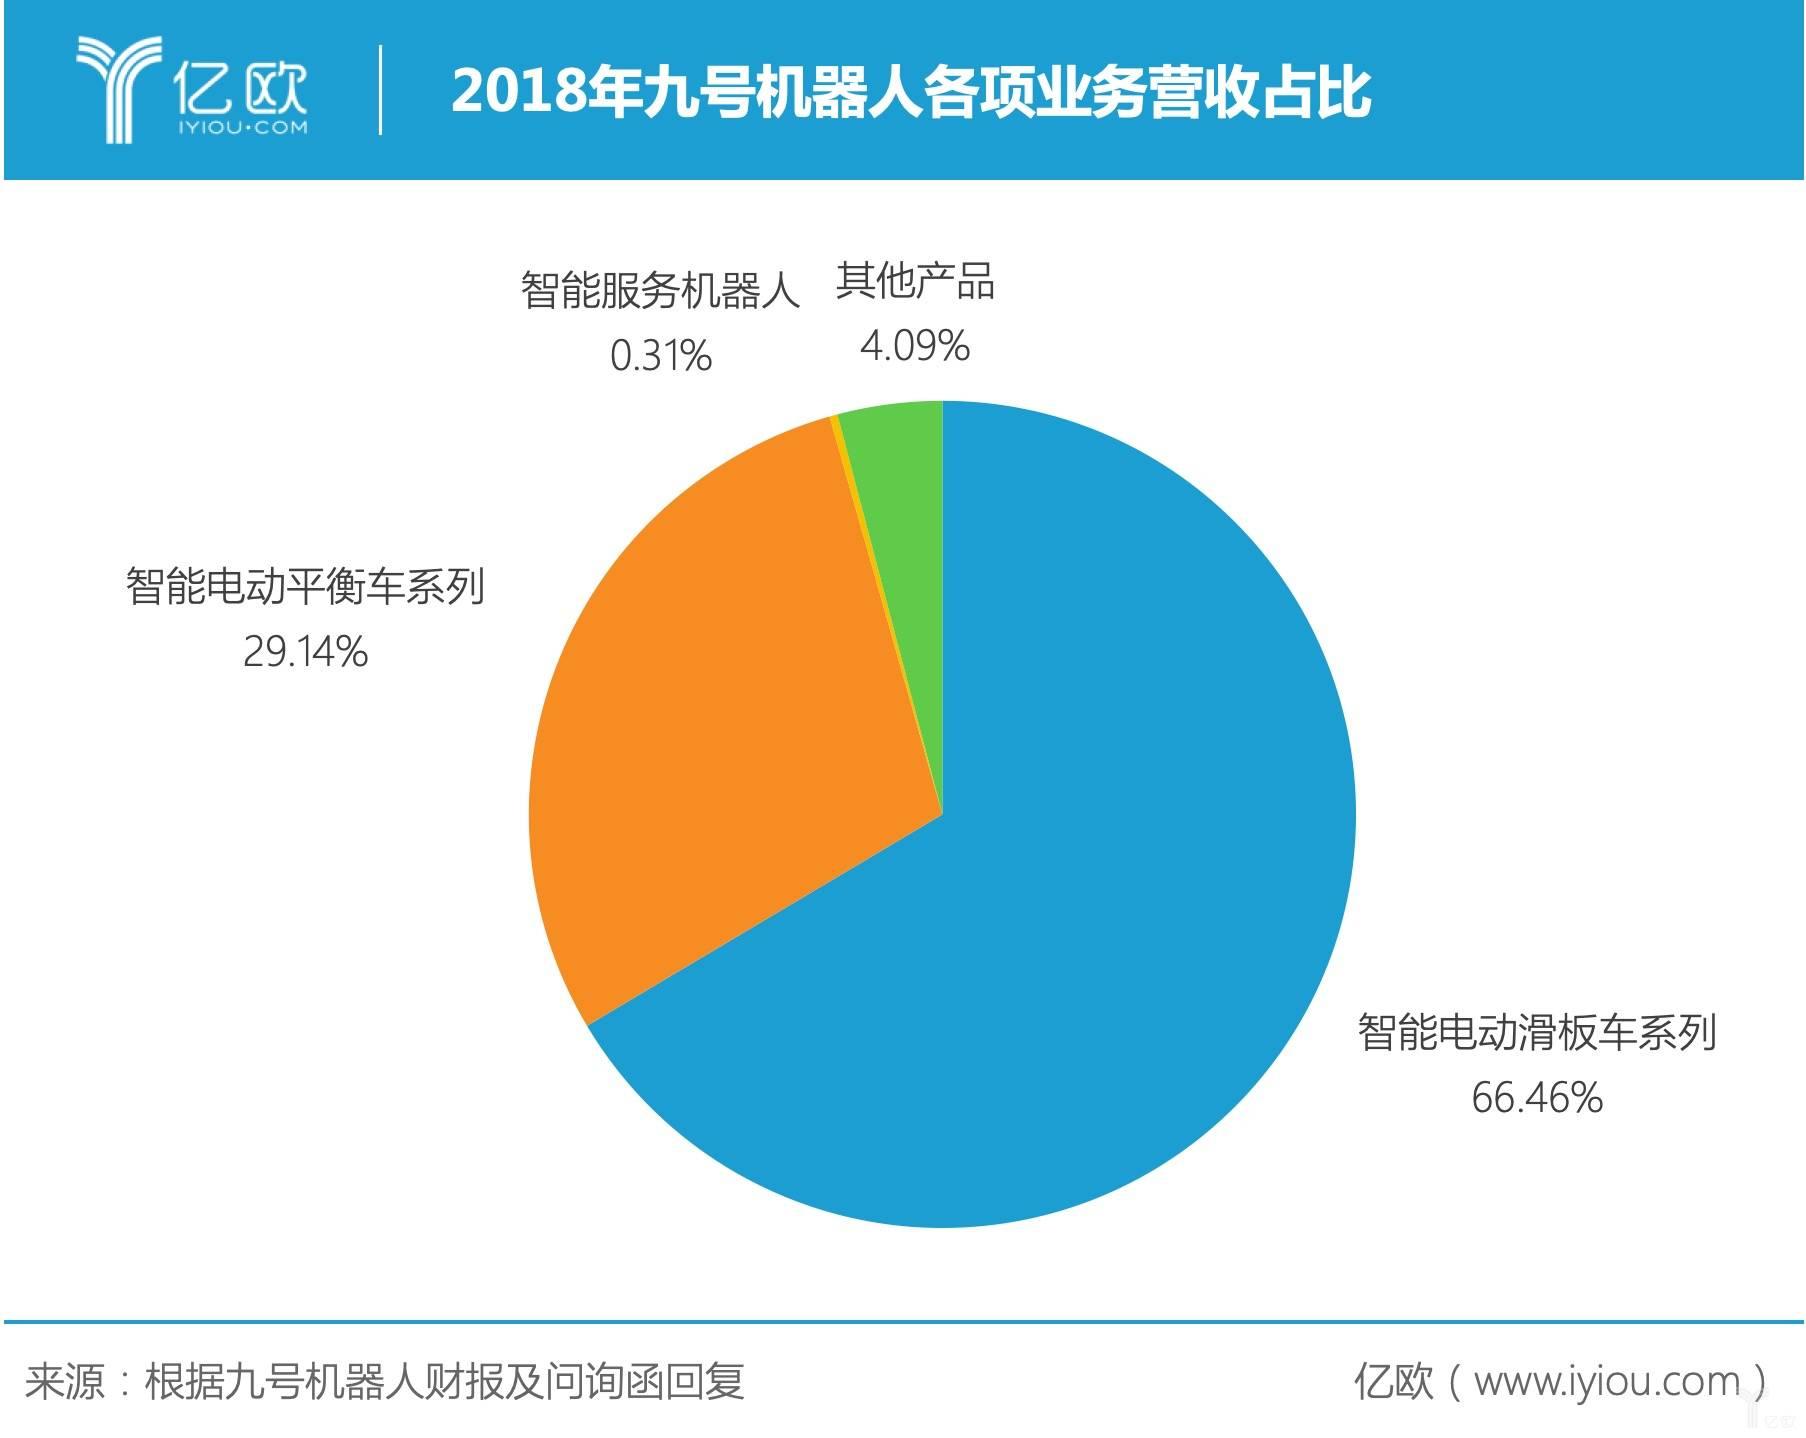 2018年九号机器人各项业务营收占比